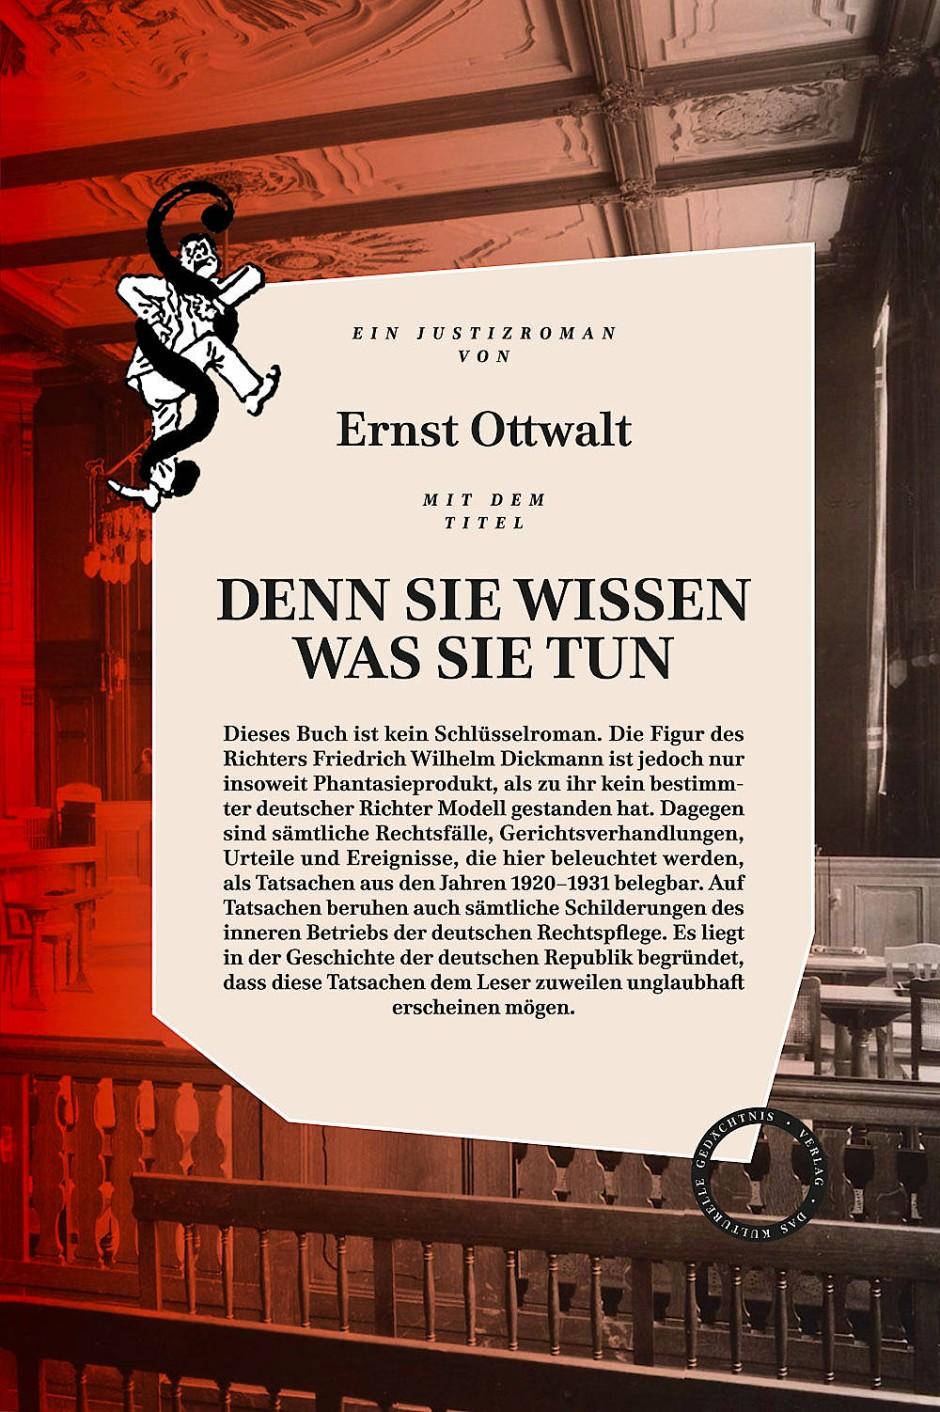 """Ernst Ottwalt: """"Denn sie wissen was sie tun"""". Roman. Verlag Das kulturelle Gedächtnis, Berlin 2017. 352 S., geb., 25,-"""